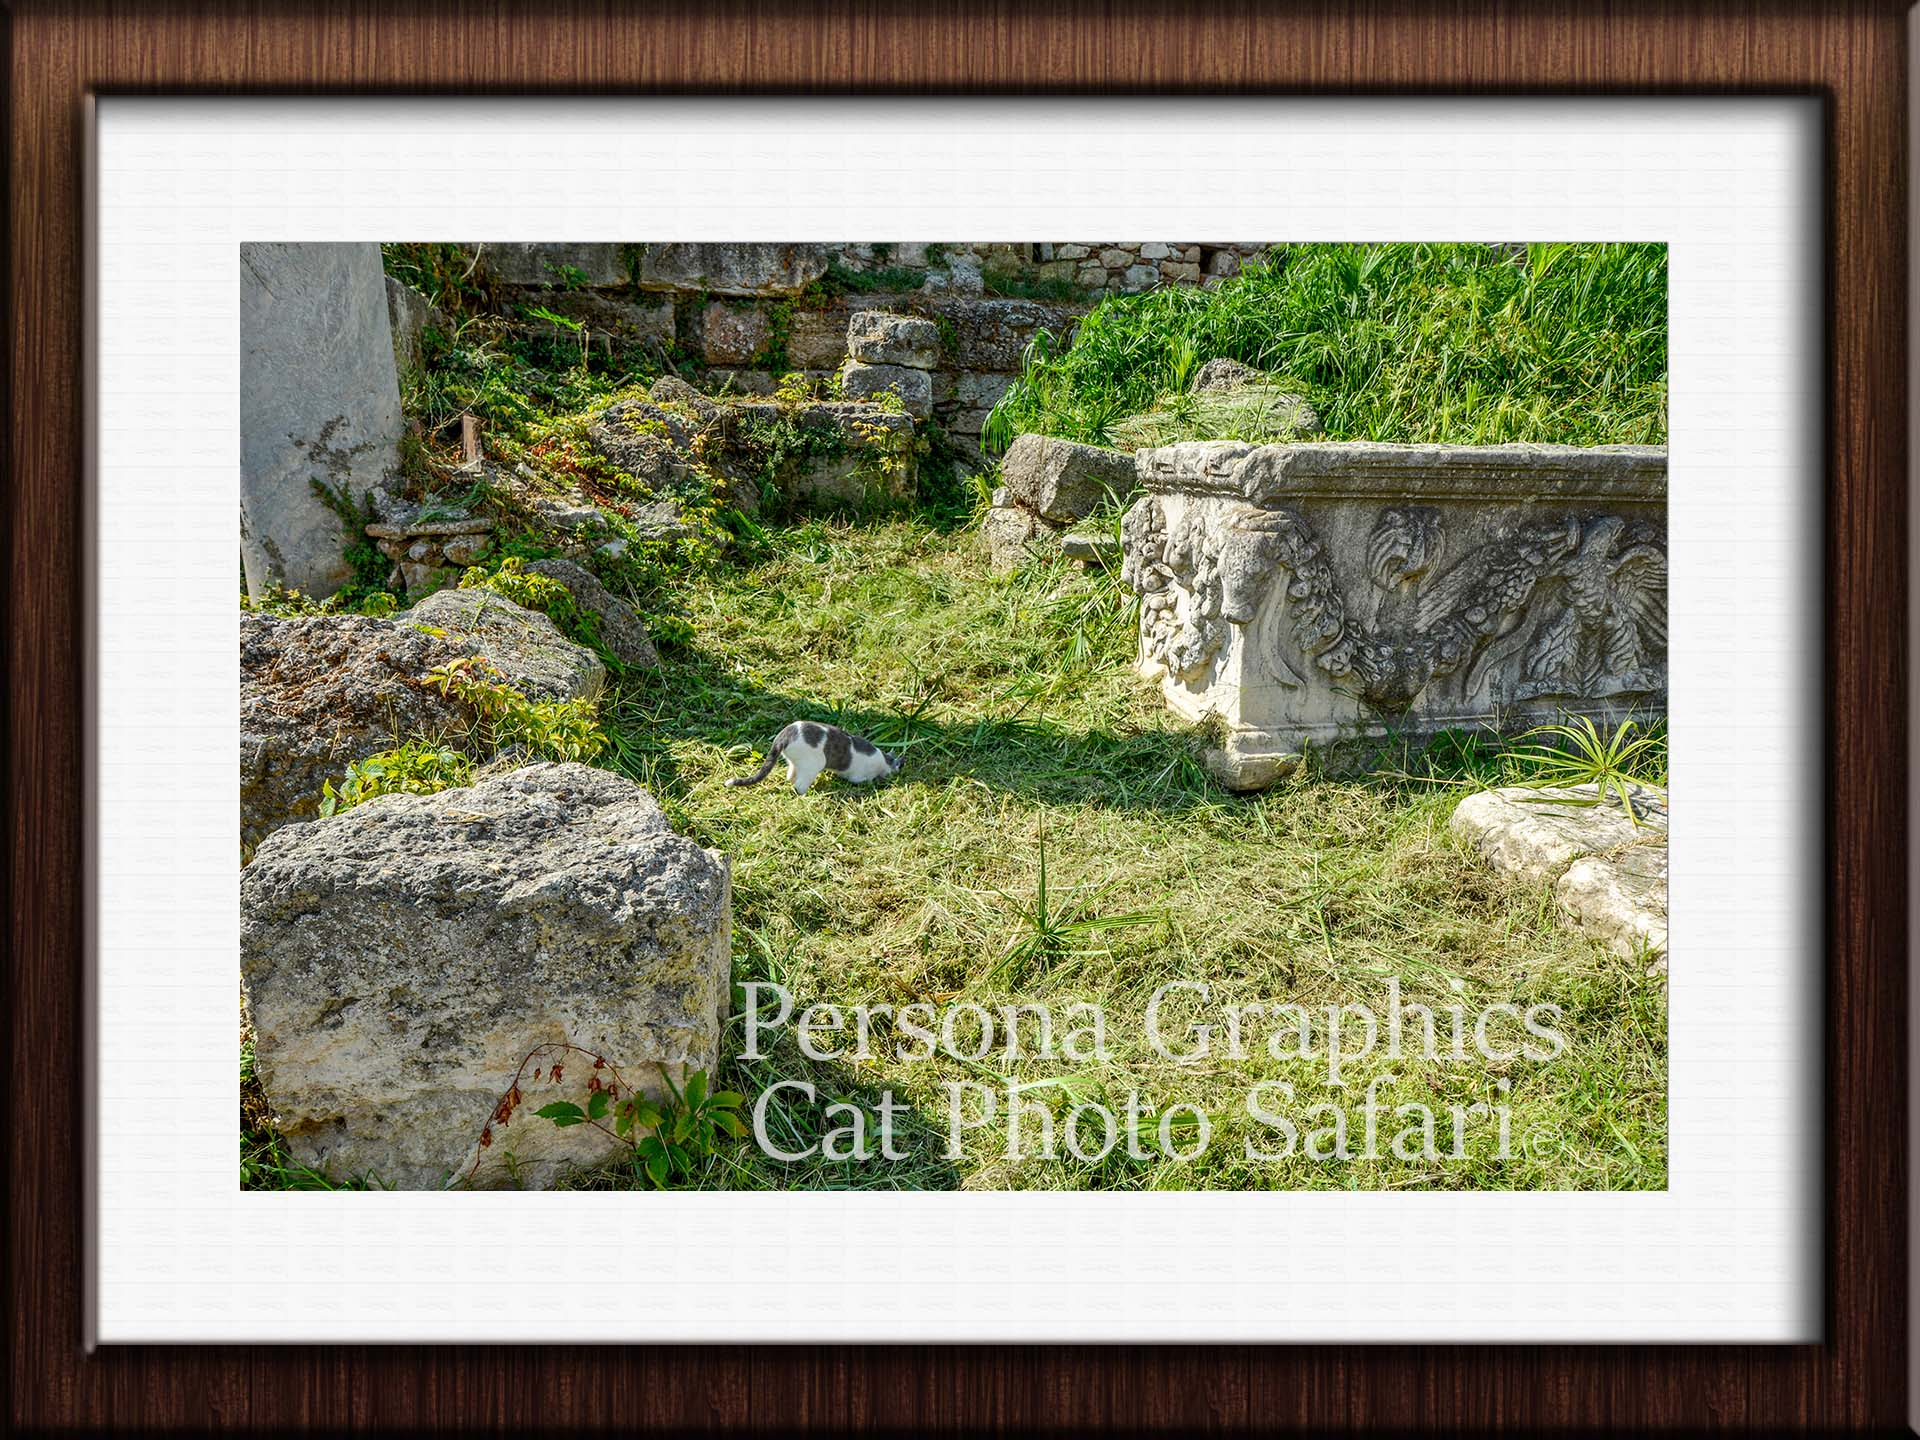 Roman Agora Catf